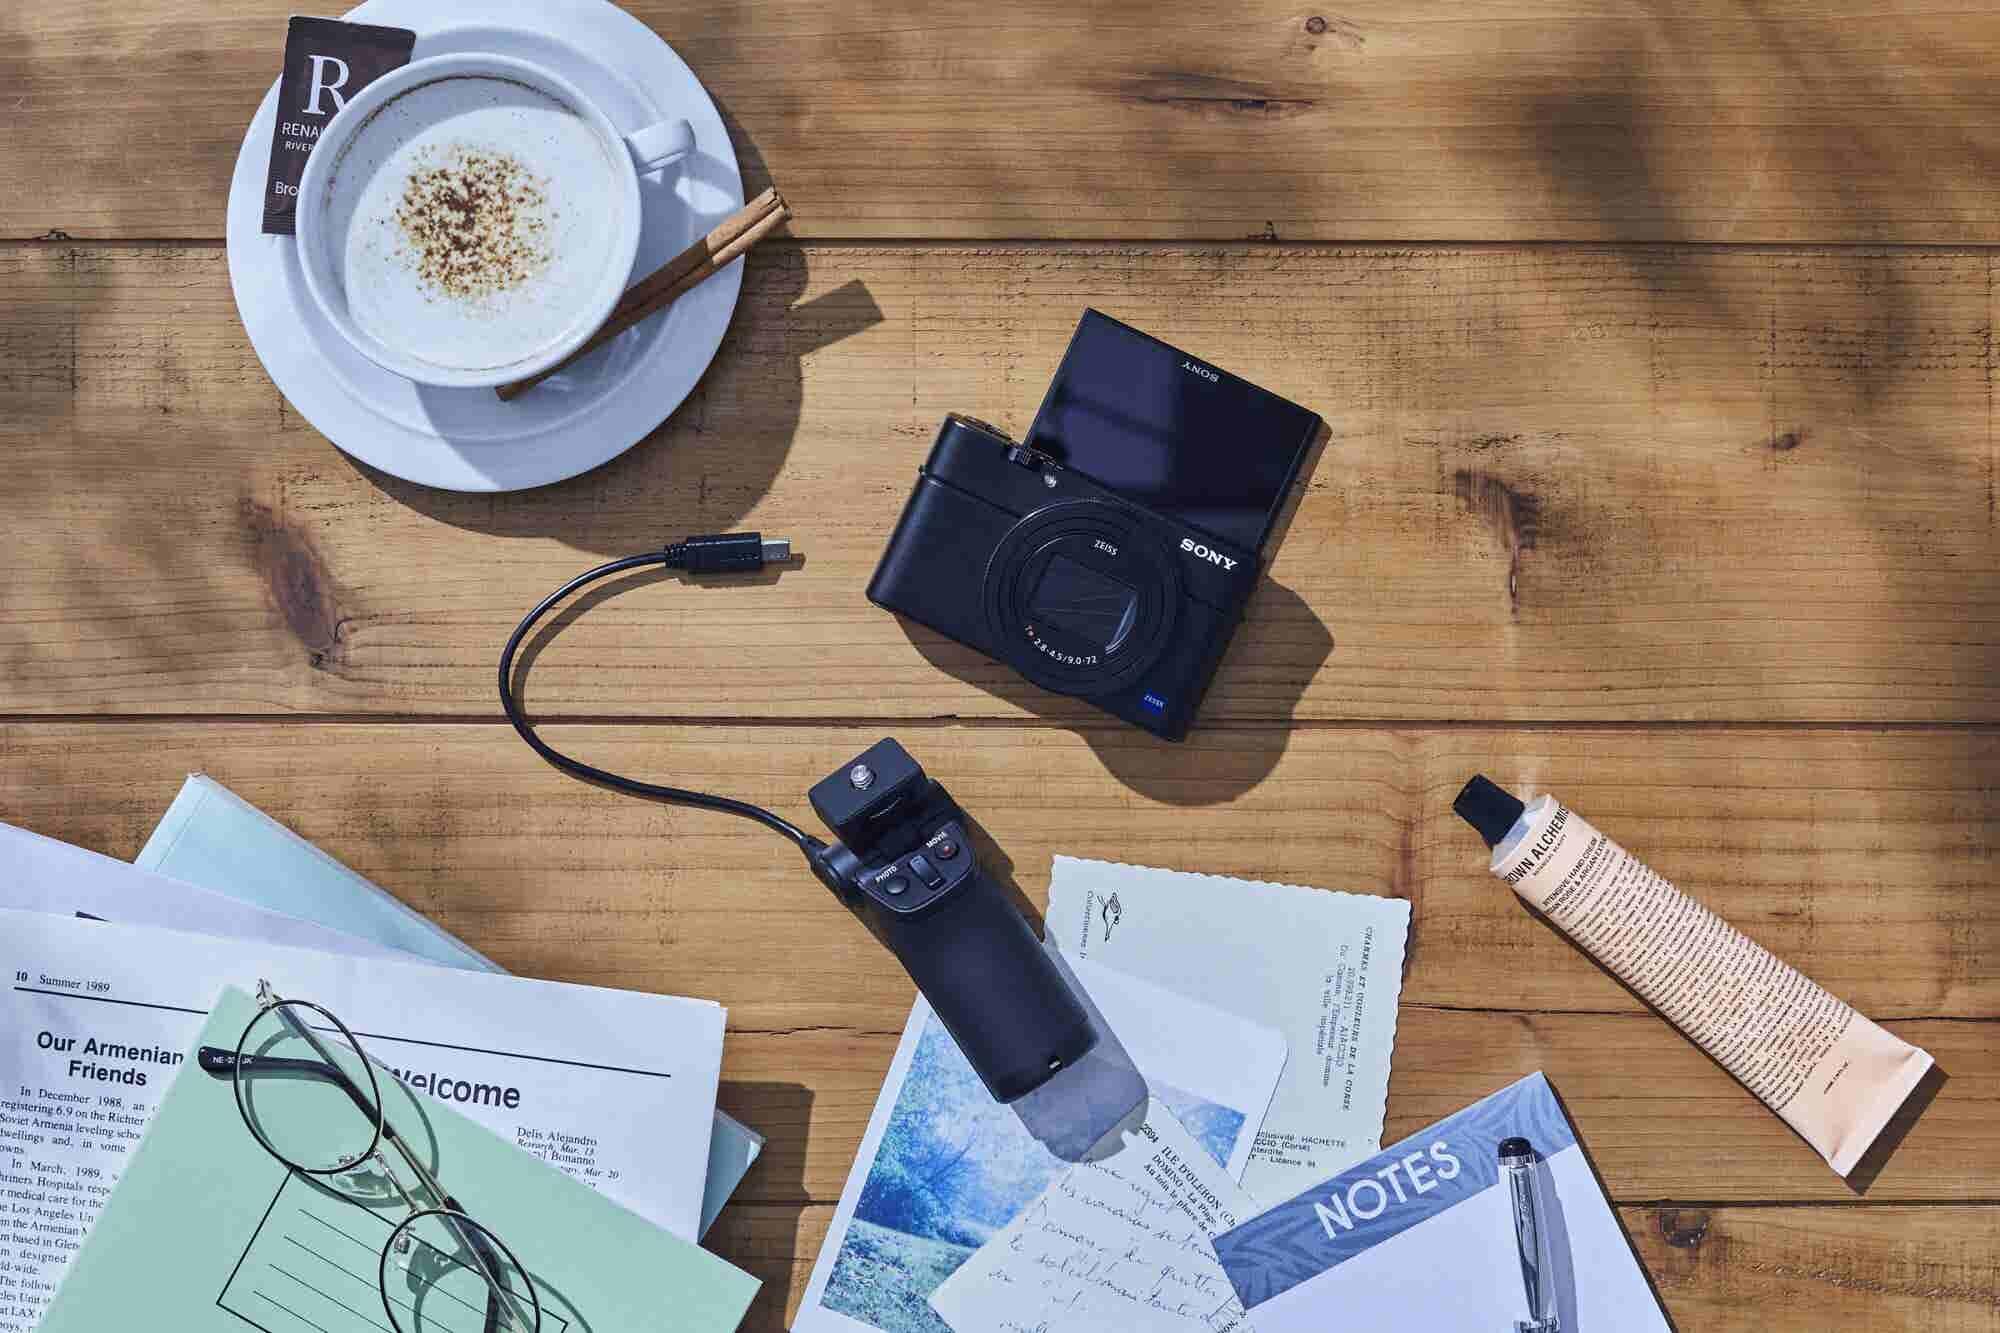 Picture Perfect: Sony RX100 VI